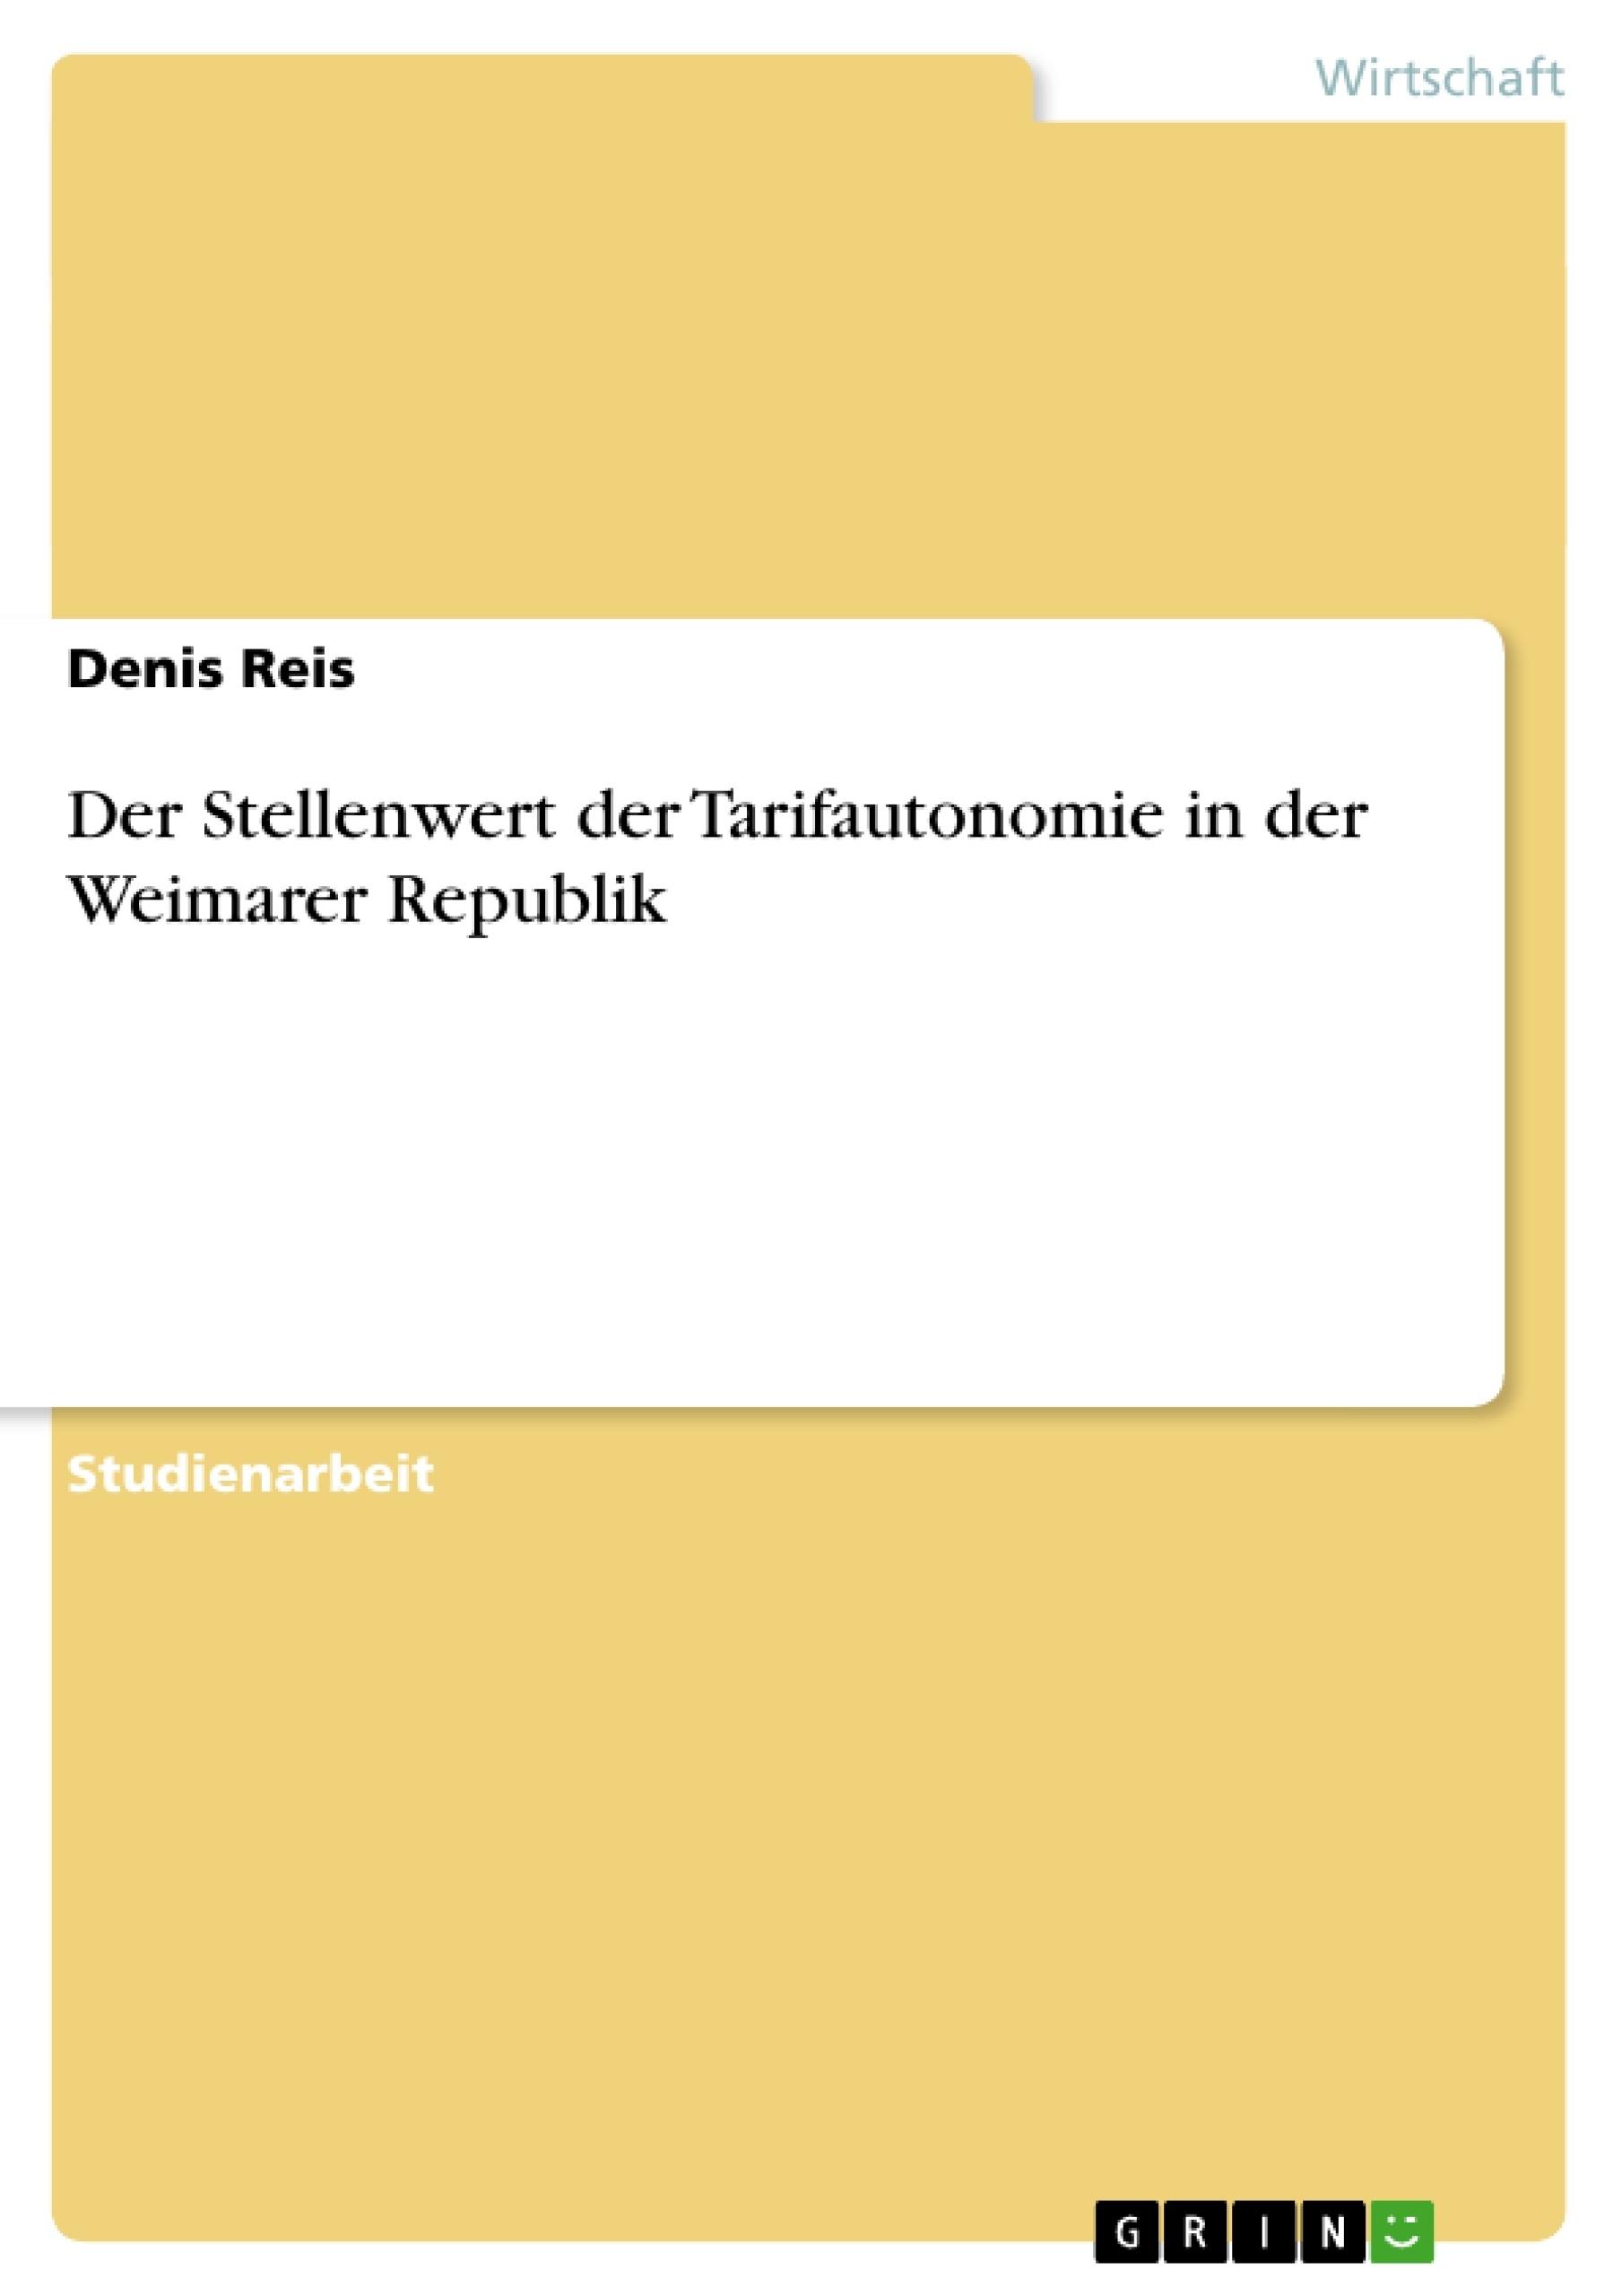 Titel: Der Stellenwert der Tarifautonomie in der Weimarer Republik